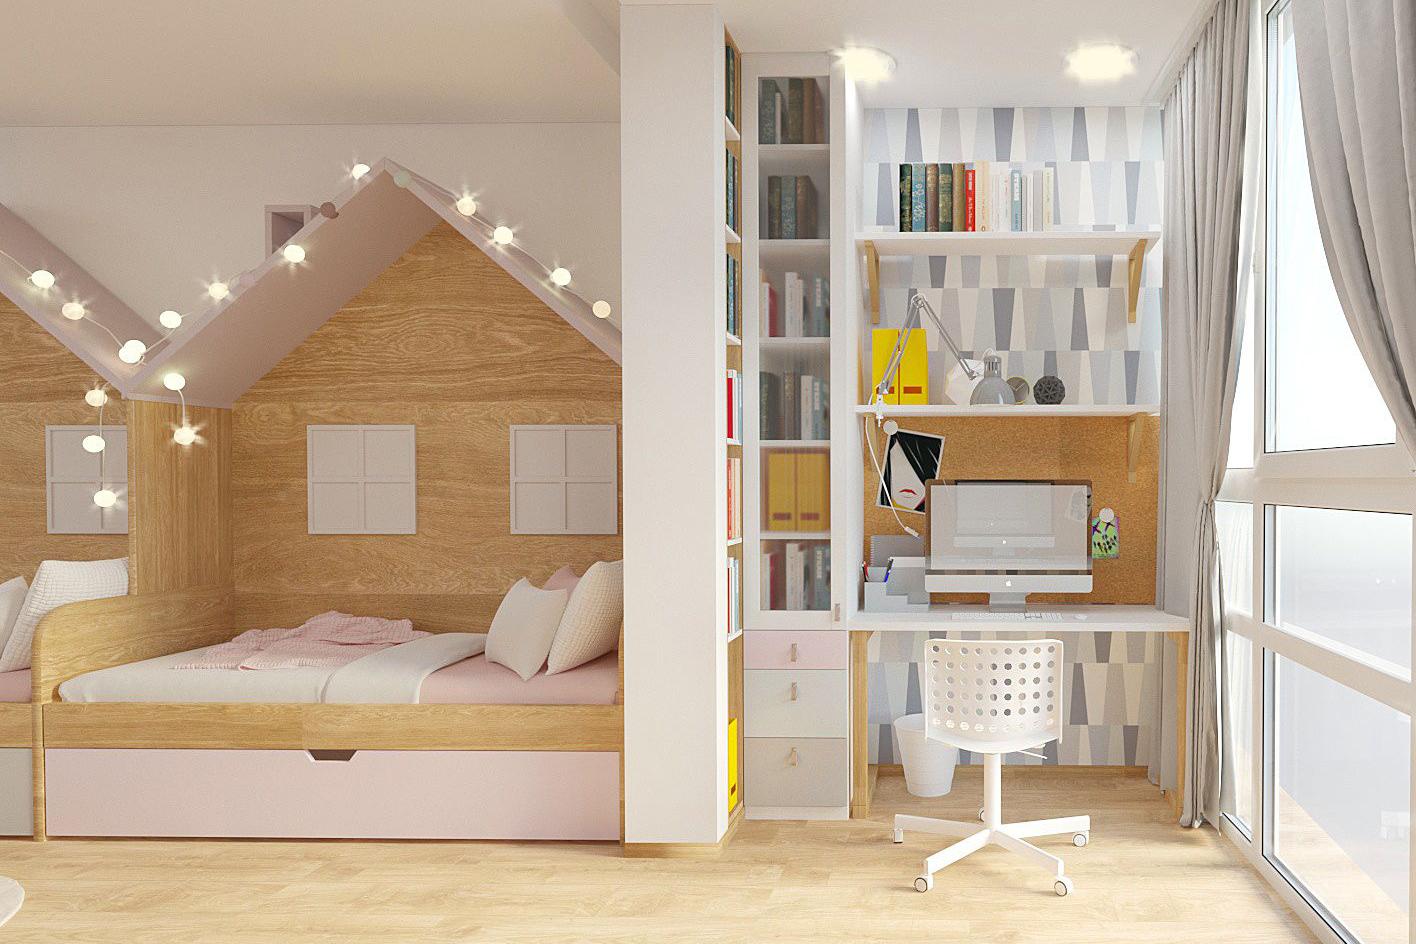 Дизайн детской комнаты фото 3-1